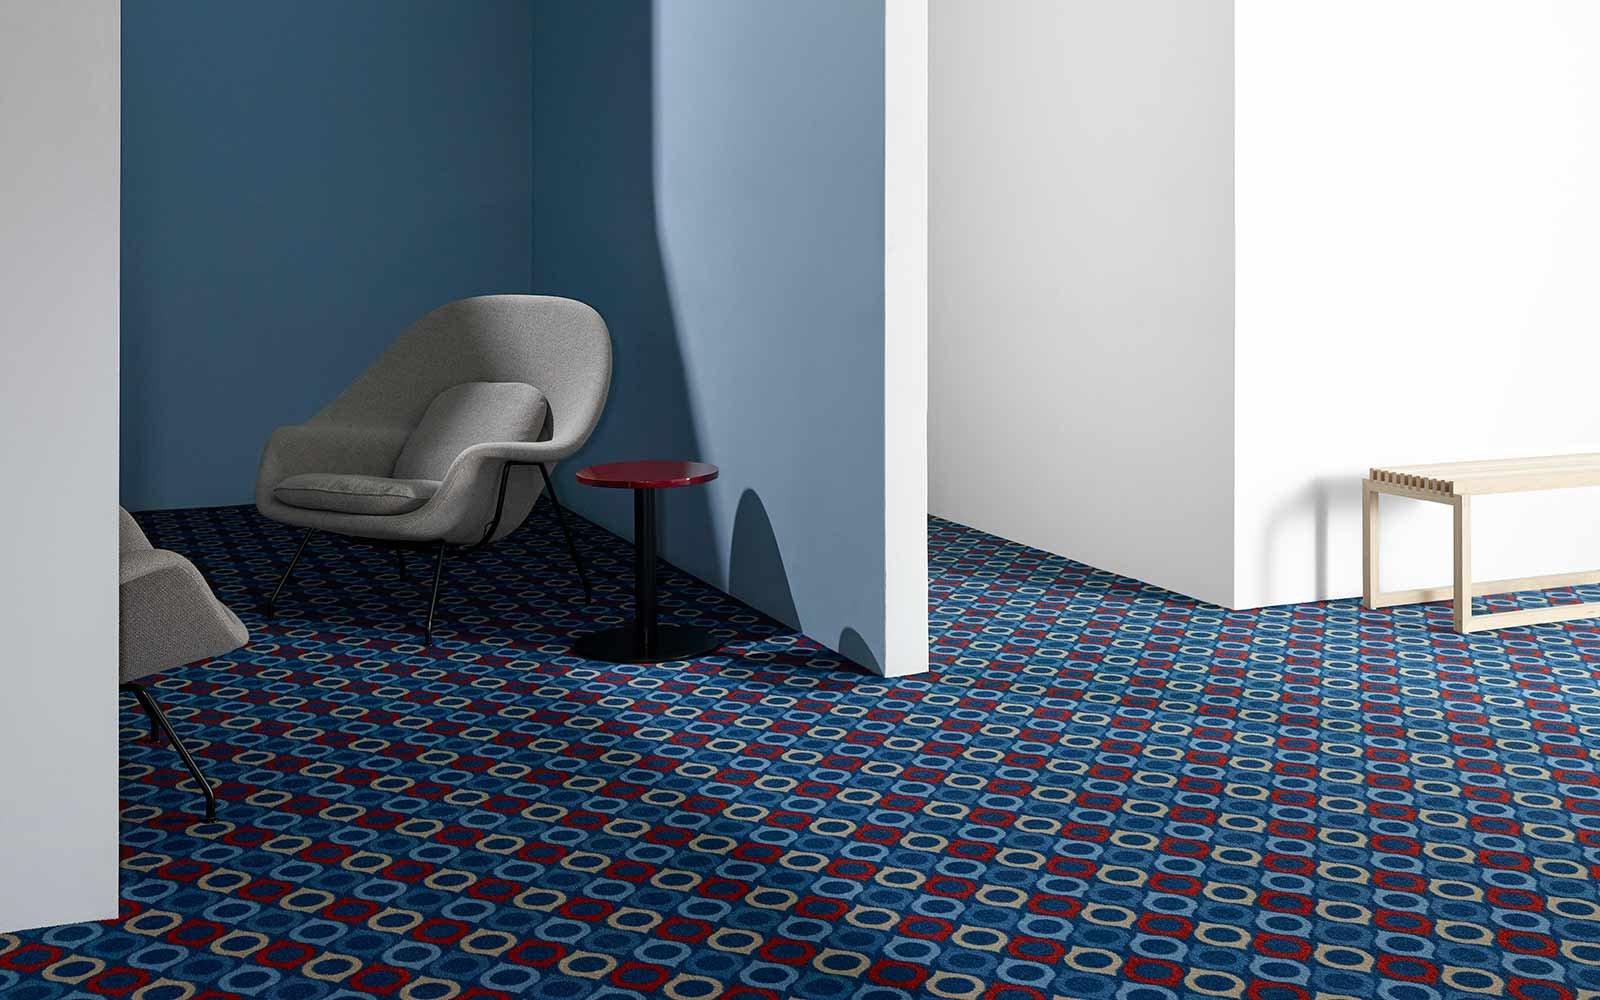 Minimalistischer moderner Raum mit Teppich in blauem und rotem Muster